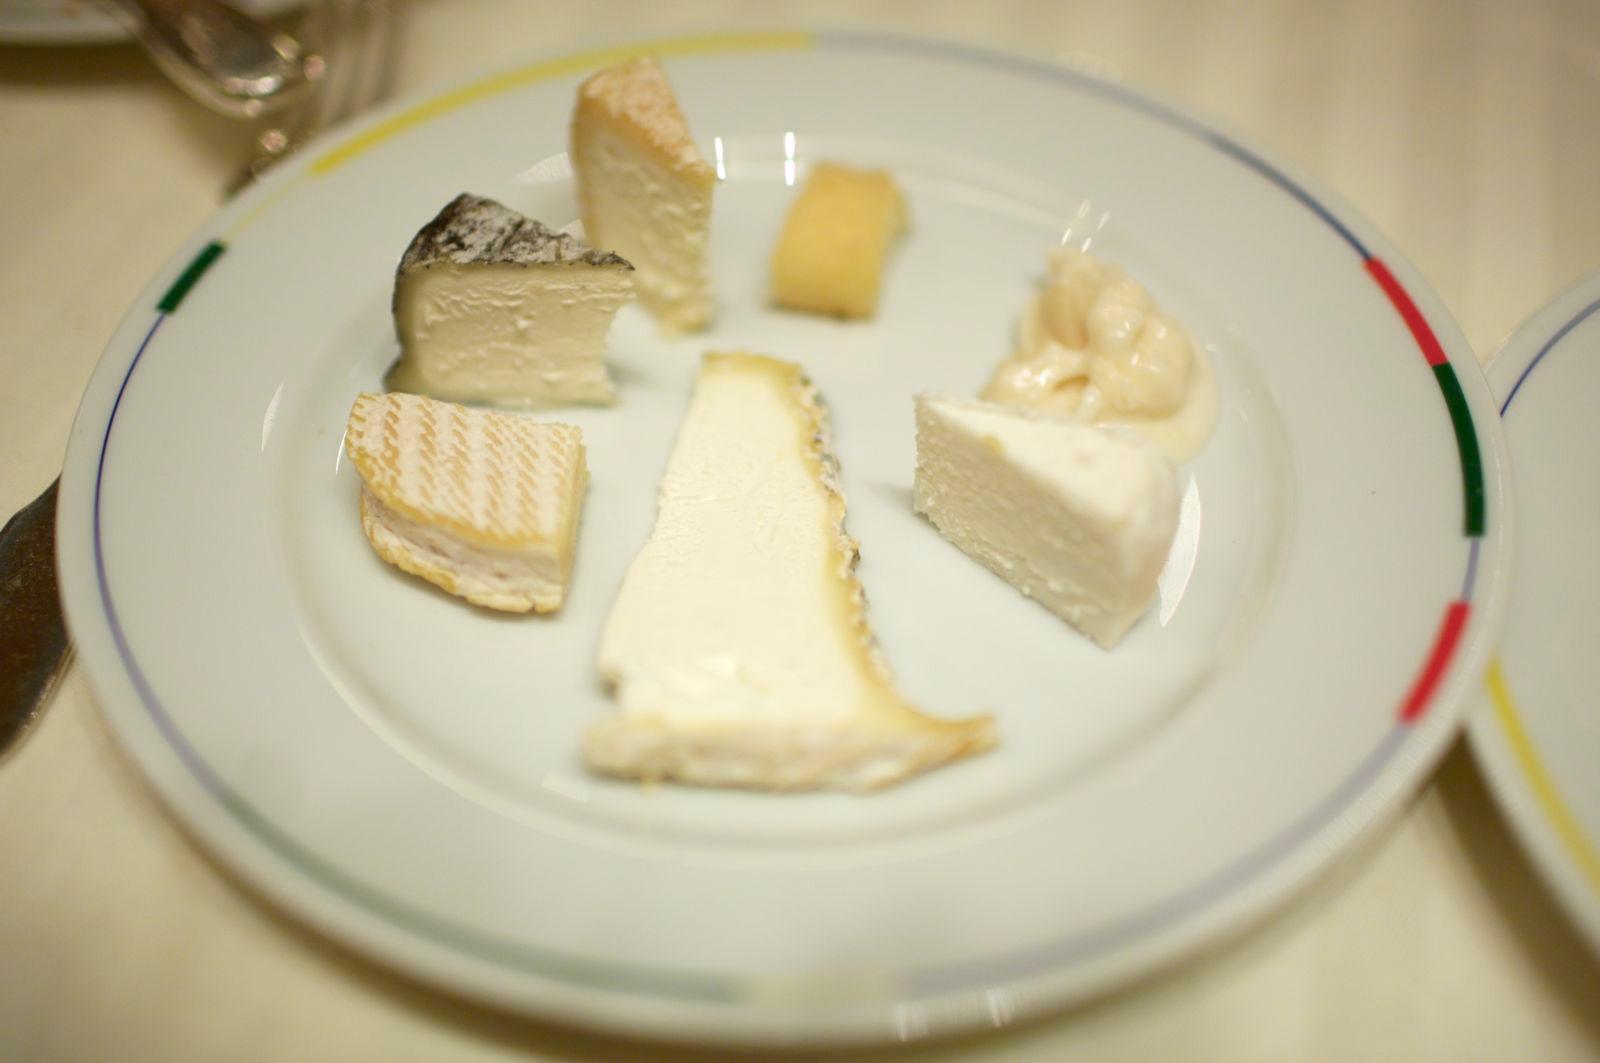 Fromage affinés - Les fromages de la chèvre